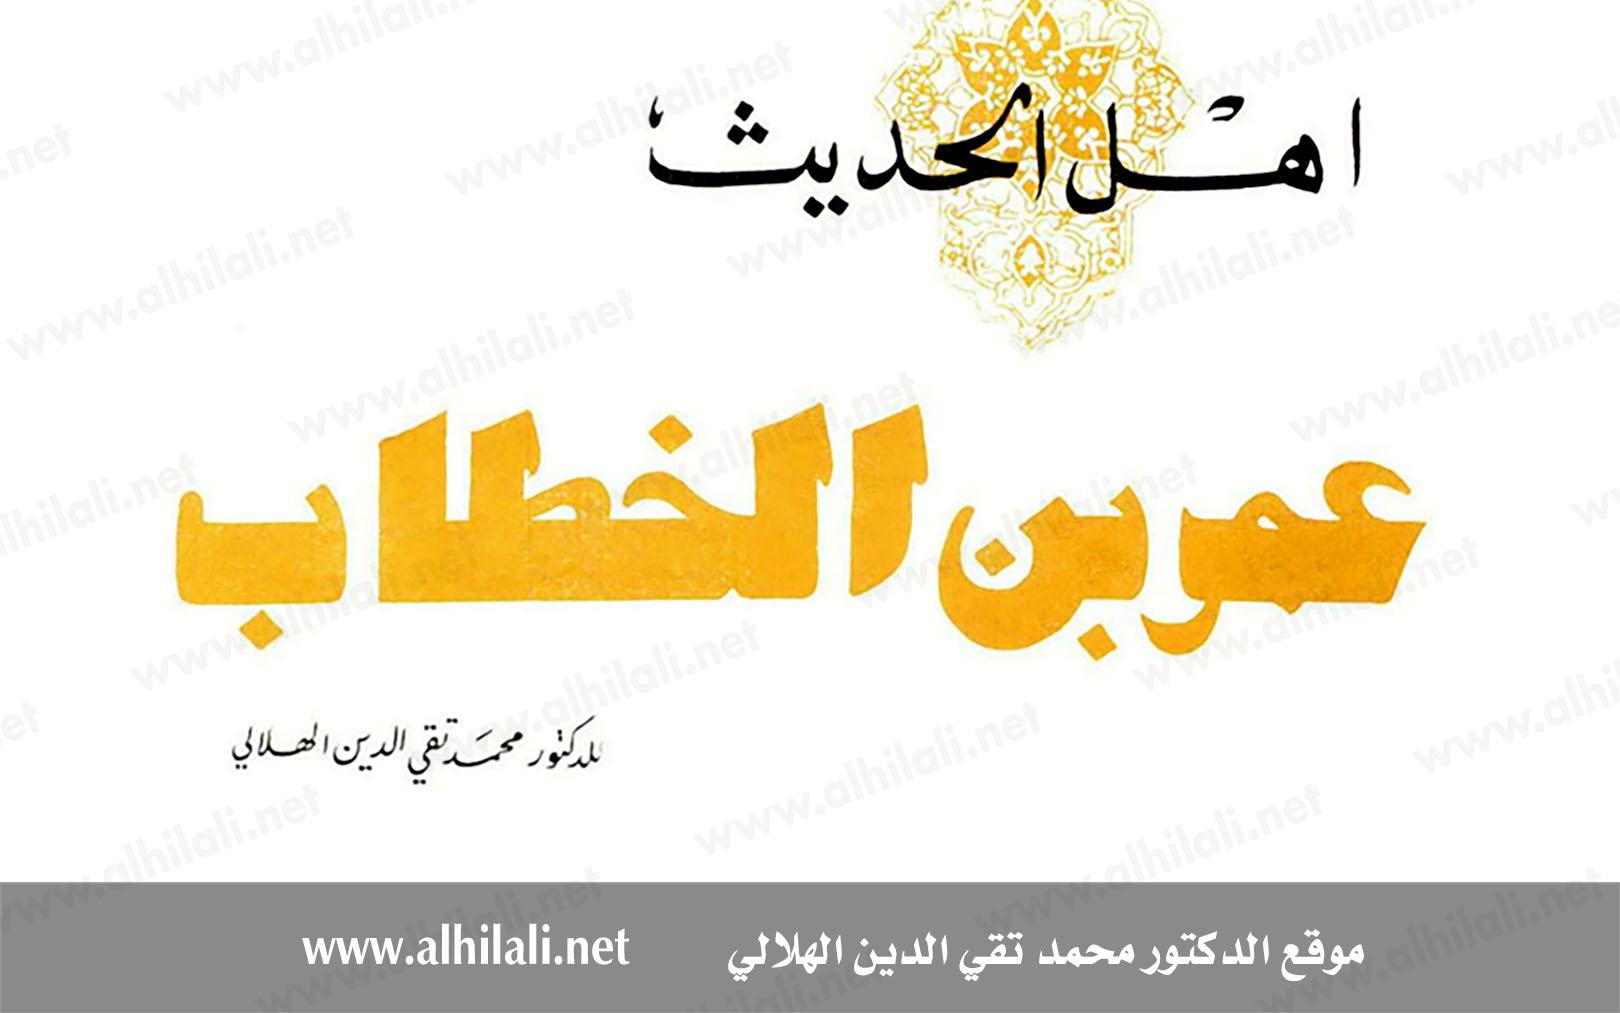 أهل الحديث عمر بن الخطاب - تقي الدين الهلالي